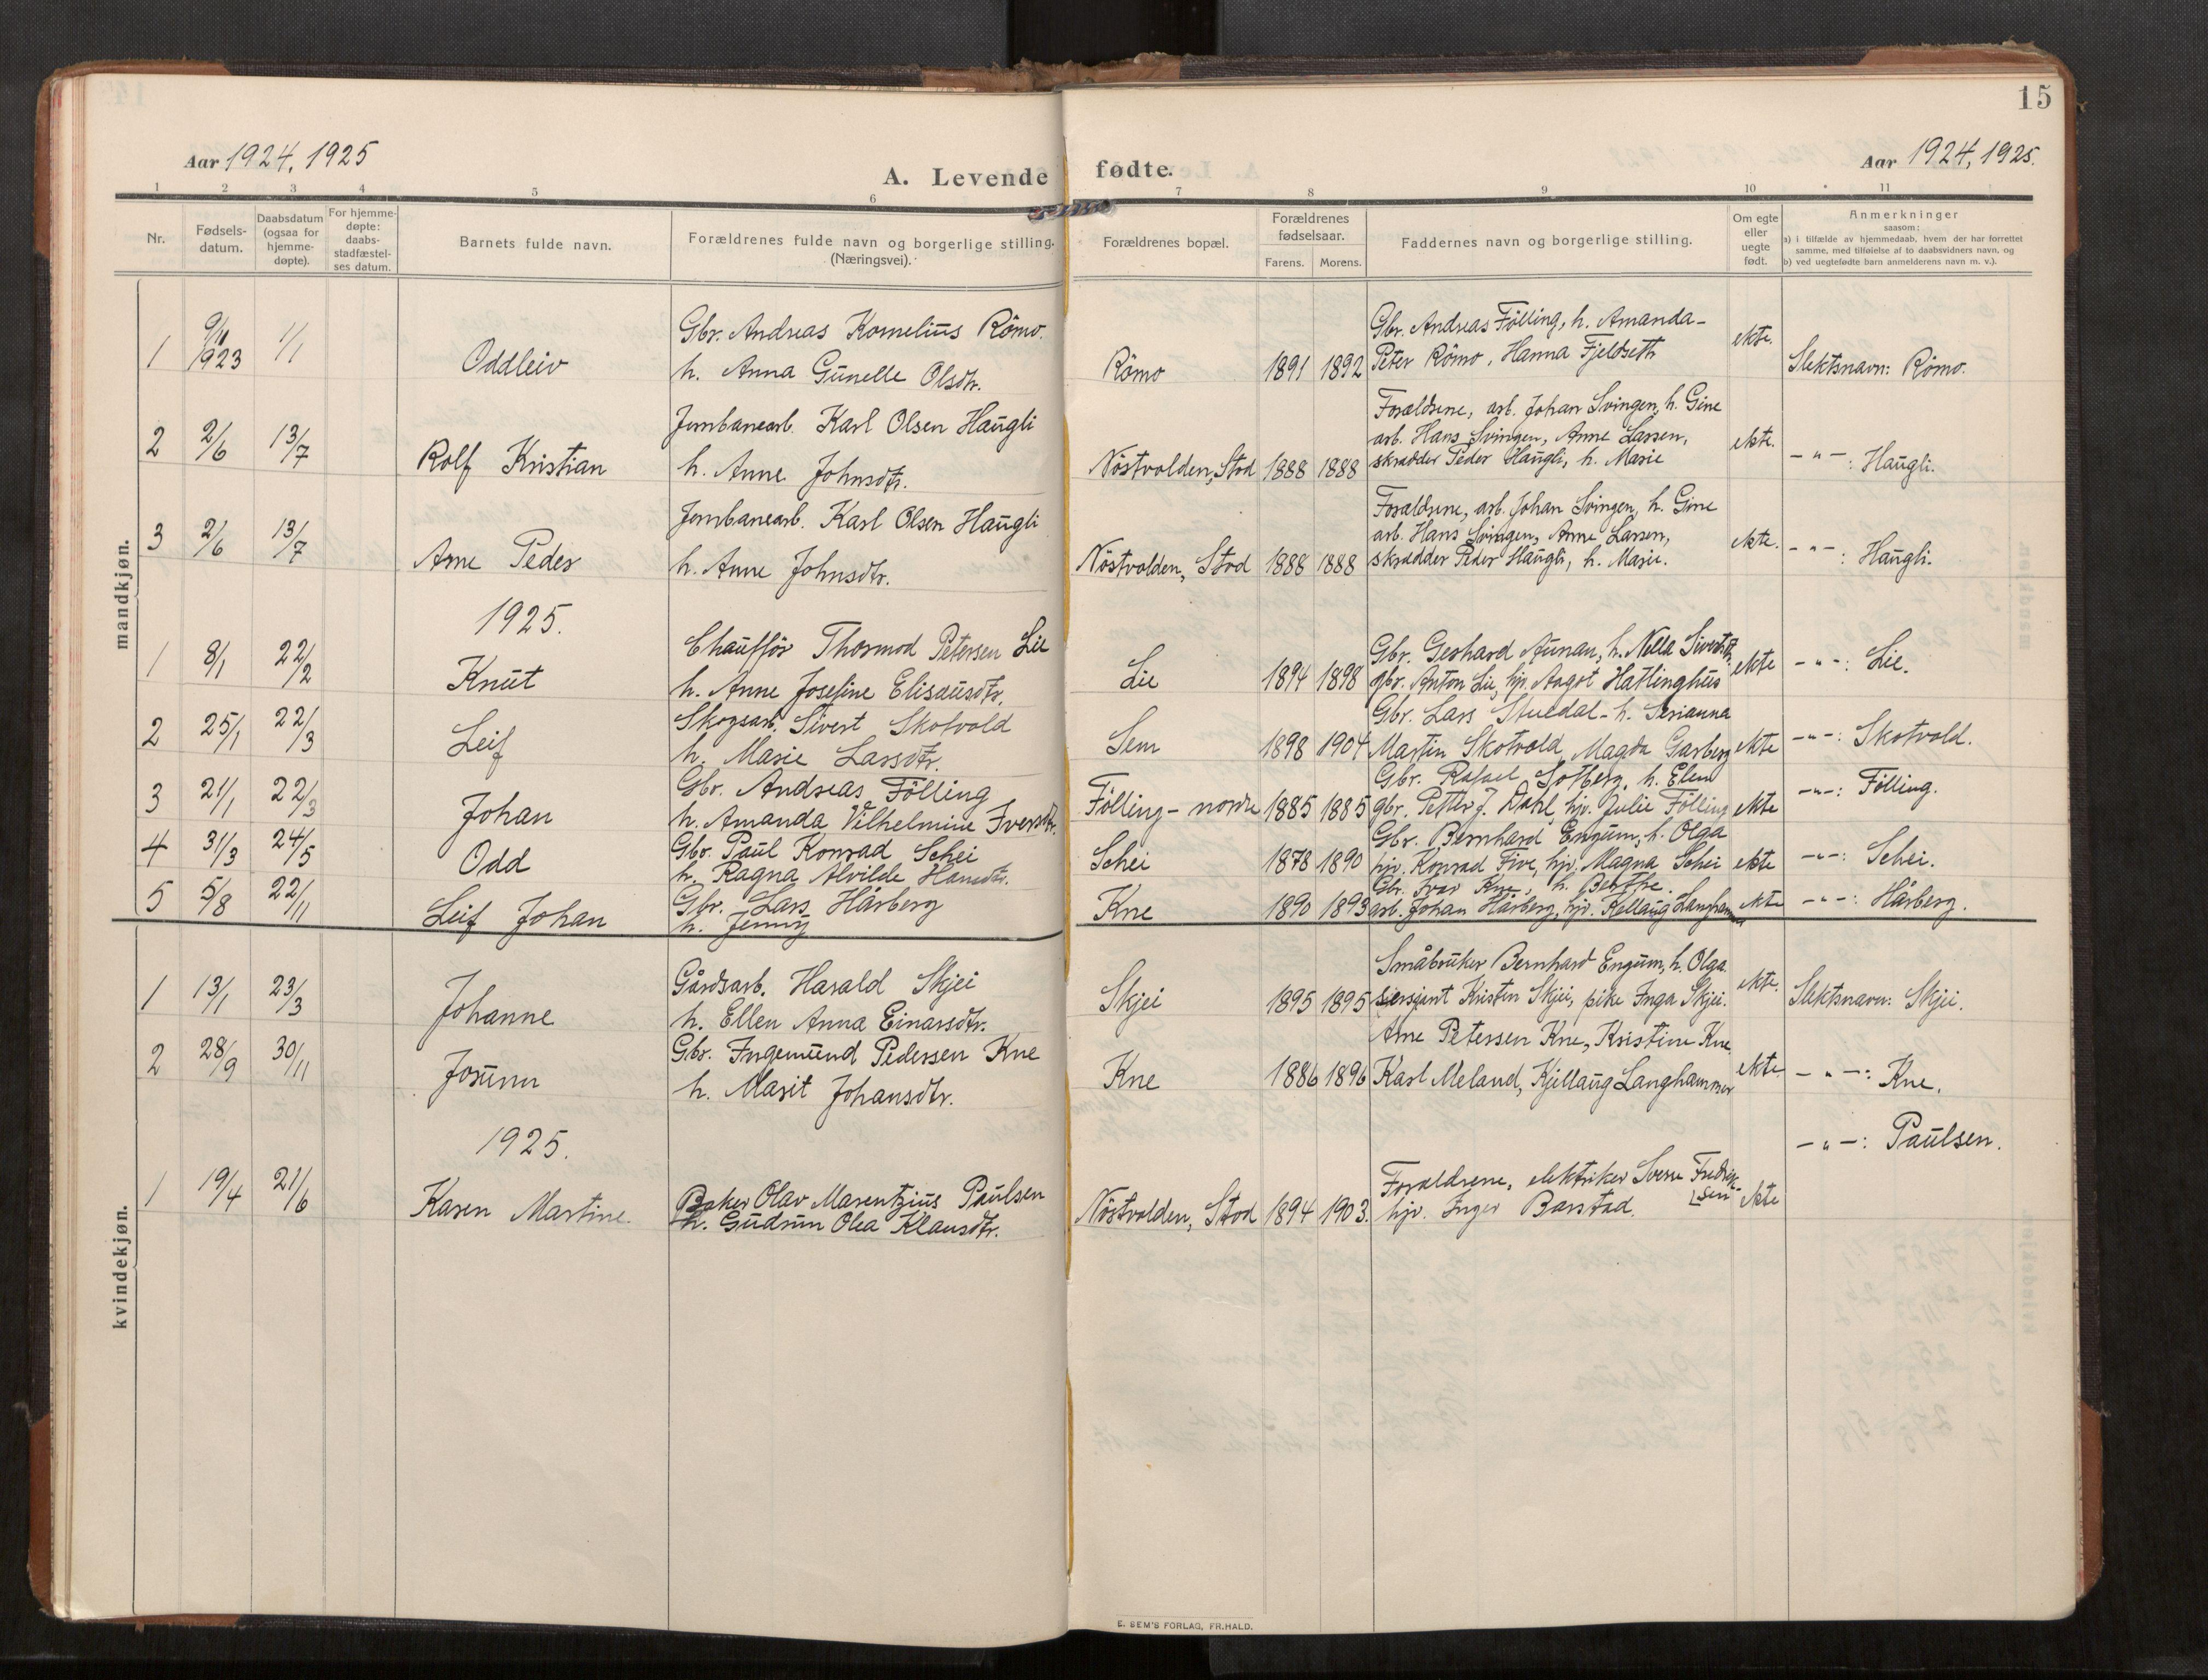 SAT, Stod sokneprestkontor, I/I1/I1a/L0003: Parish register (official) no. 3, 1909-1934, p. 15